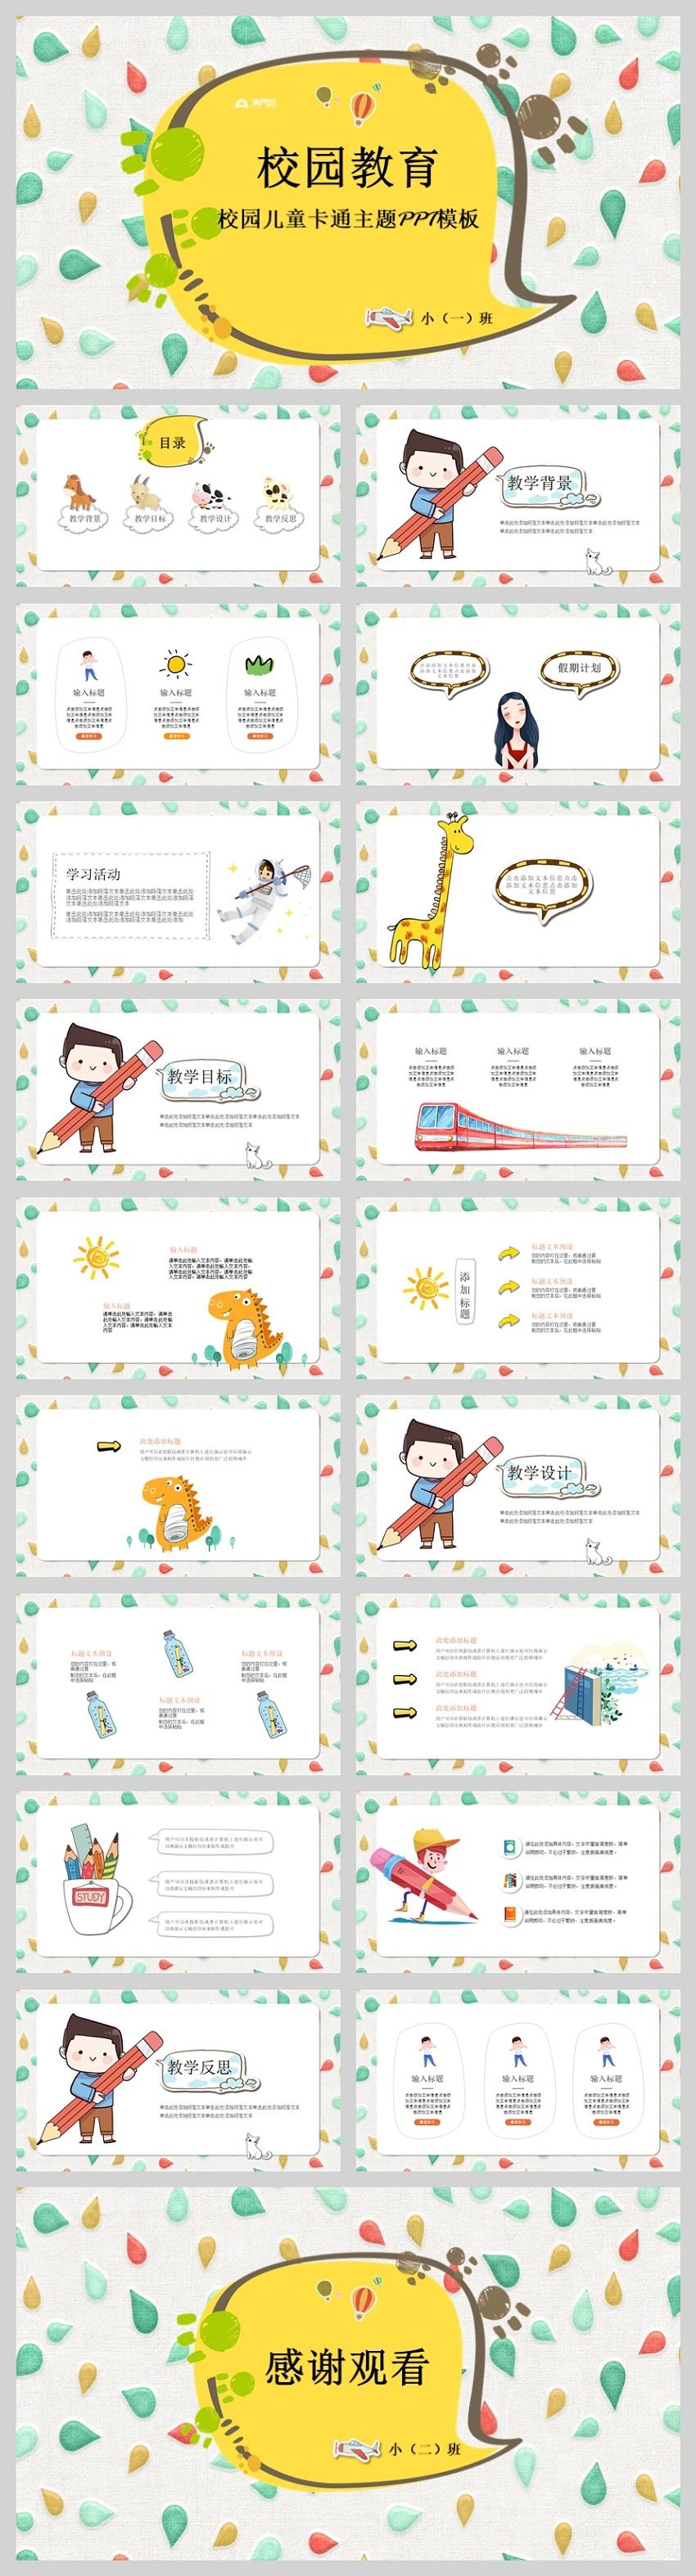 卡通可爱幼儿园小学教师说课儿童卡通课件ppt模板框架完整